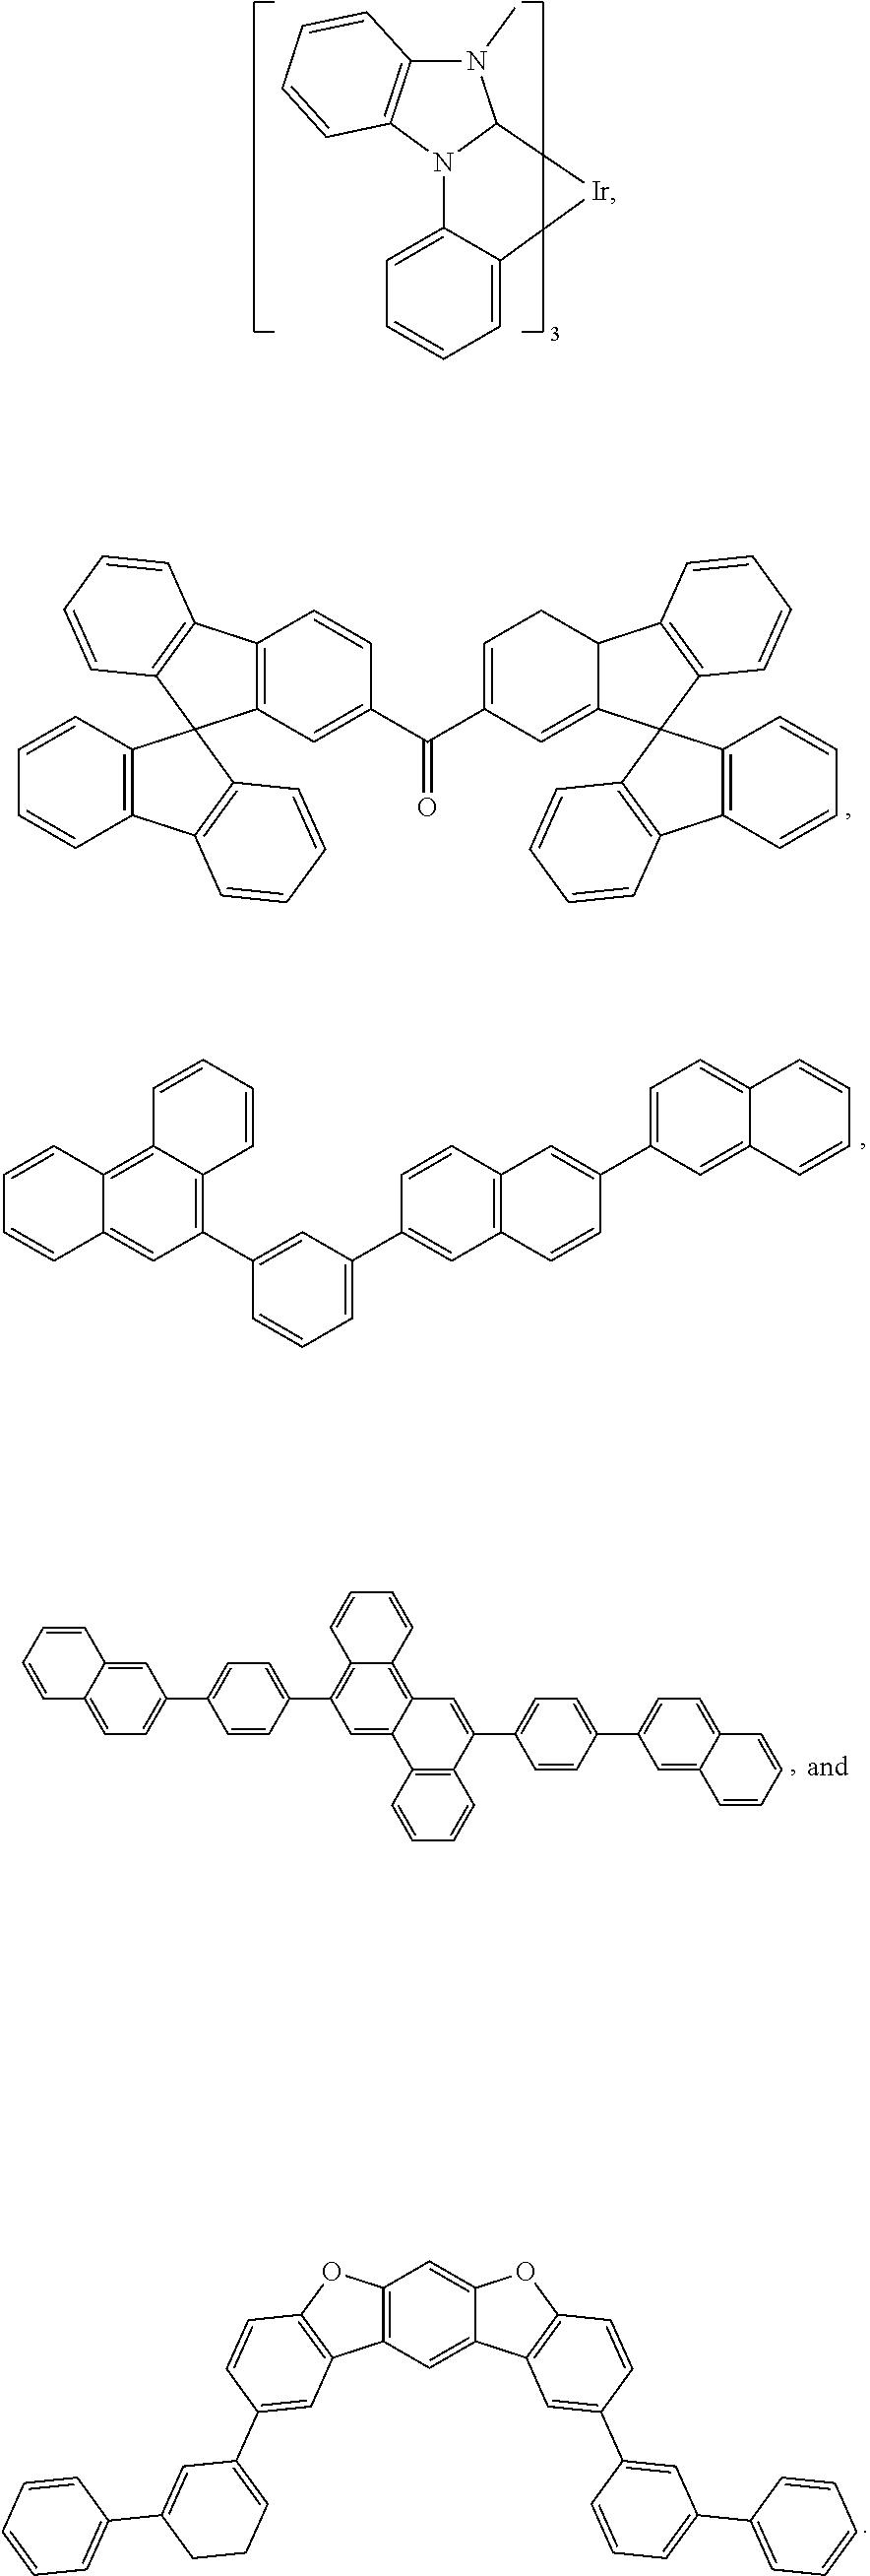 Figure US20190161504A1-20190530-C00059